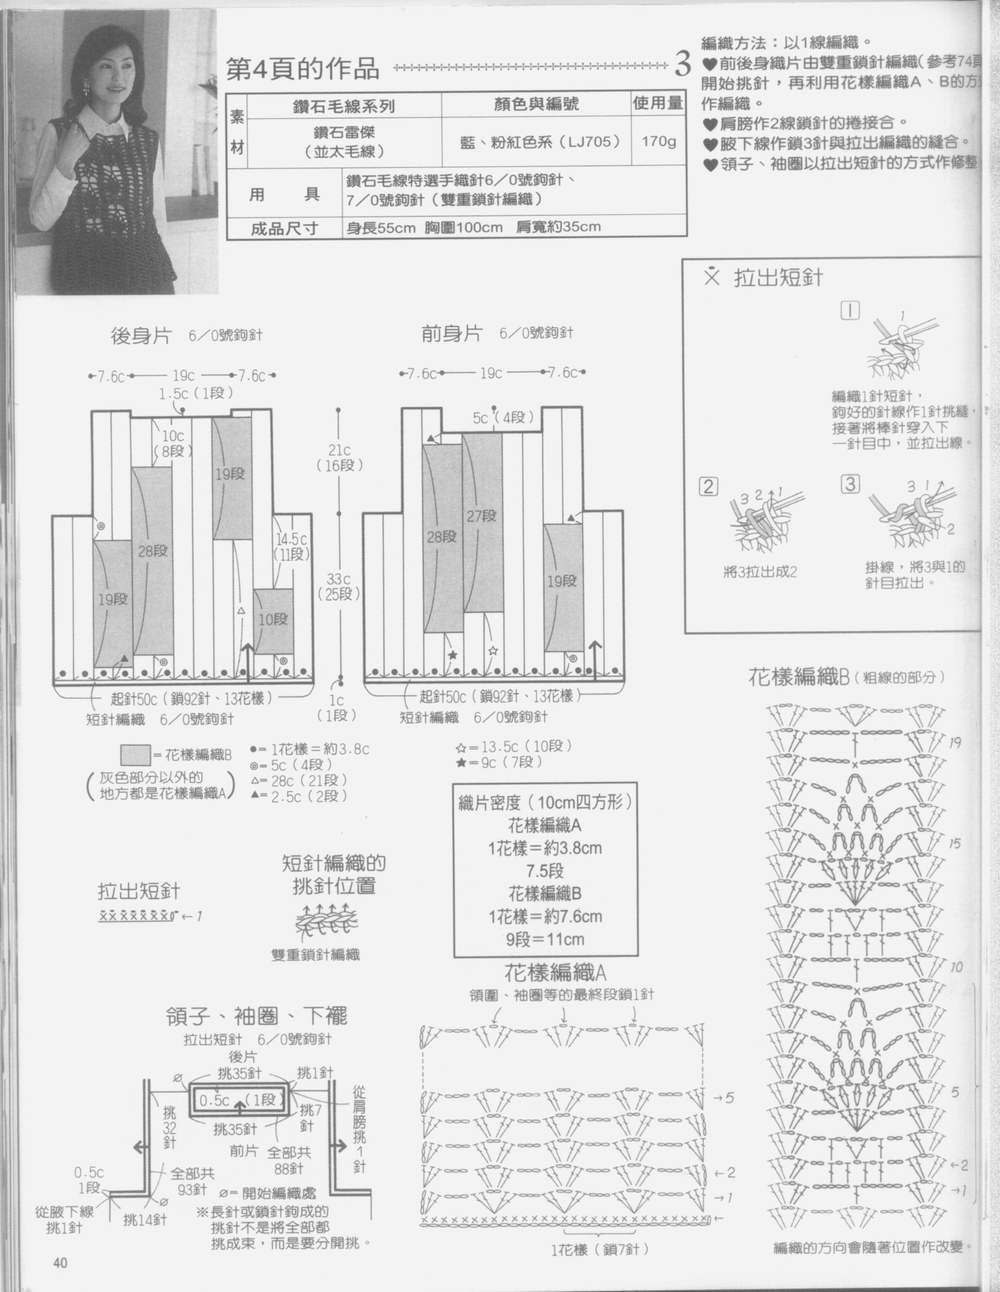 11-2.jpg-1.jpg